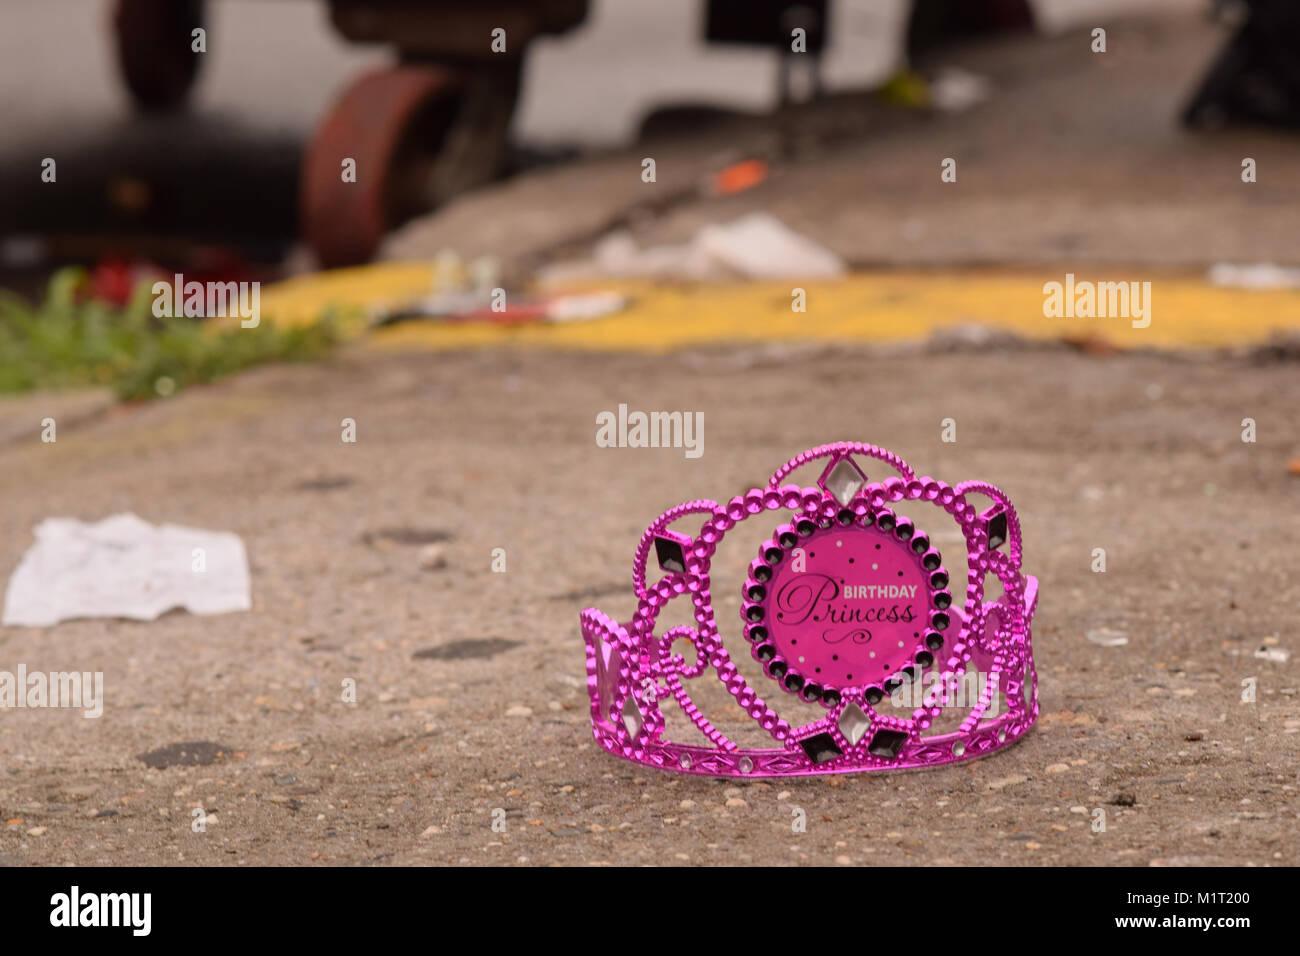 f58b6ad4eb54 Descarta Cumpleaños Princess Crown en una acera con el contenedor de basura  y borrosa en el